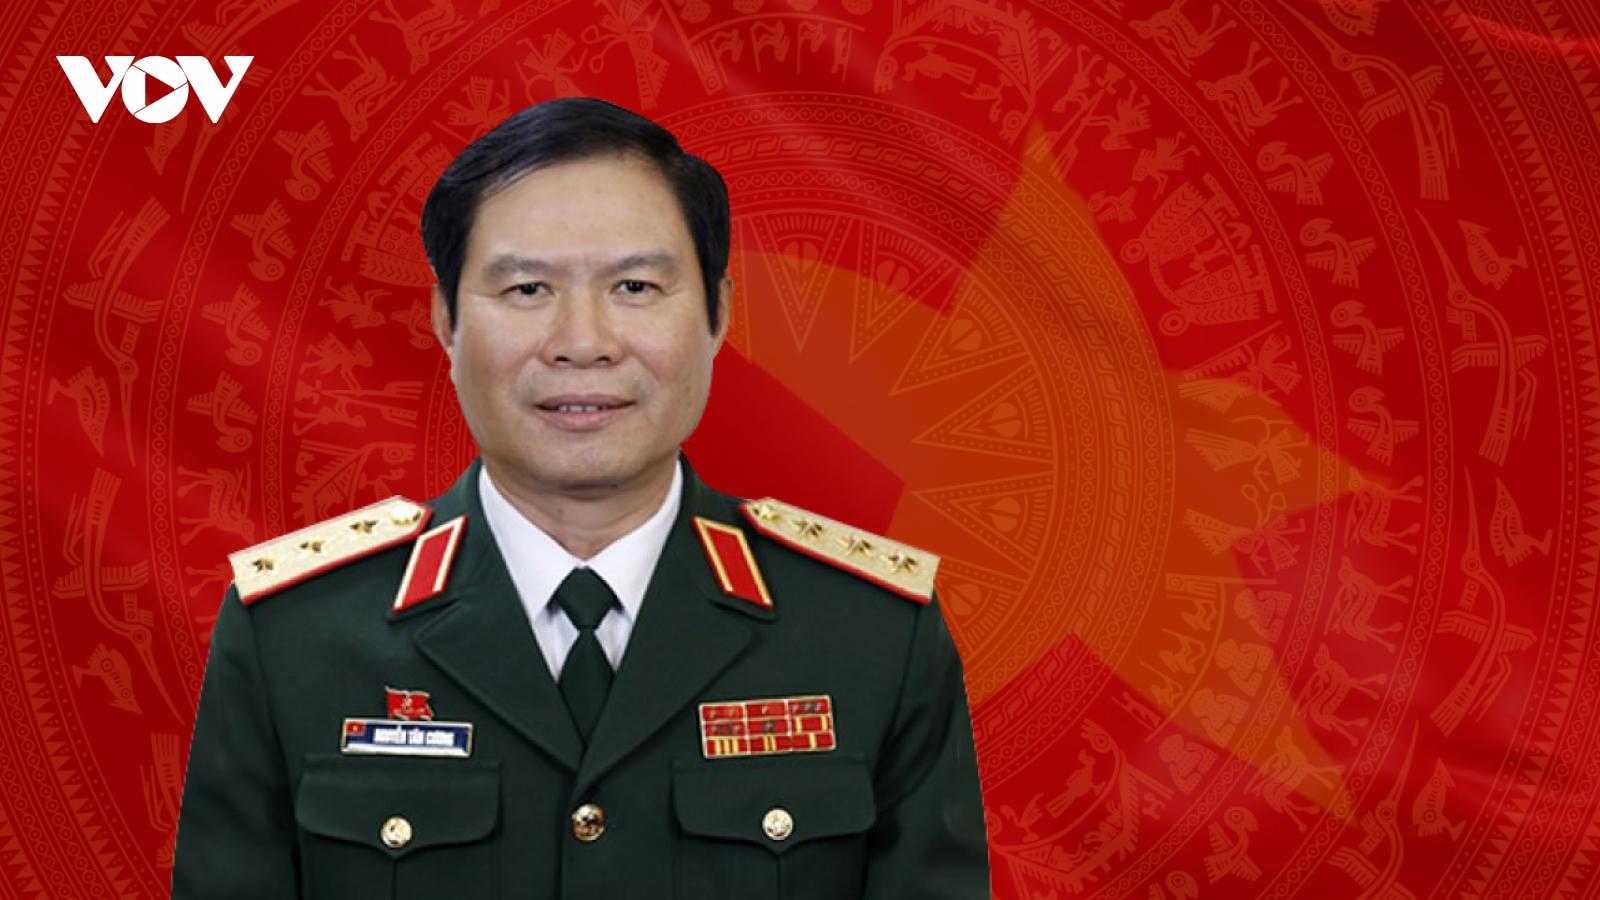 Tiểu sử Tổng Tham mưu trưởng QĐND Việt Nam Nguyễn Tân Cương